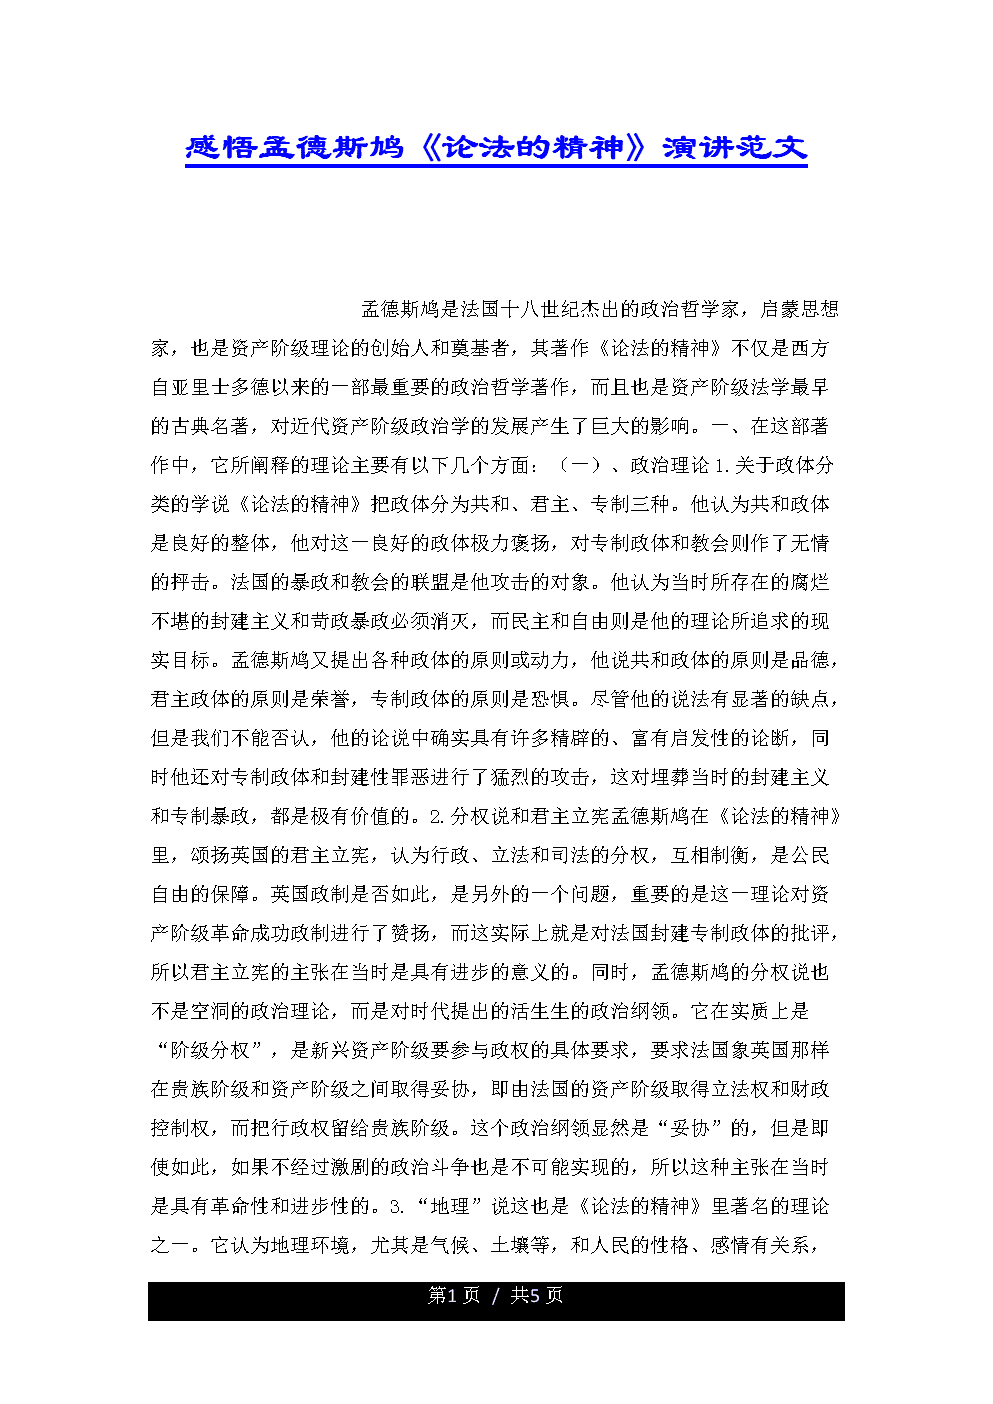 感悟孟德斯鳩《論法的精神》演講范文.docx